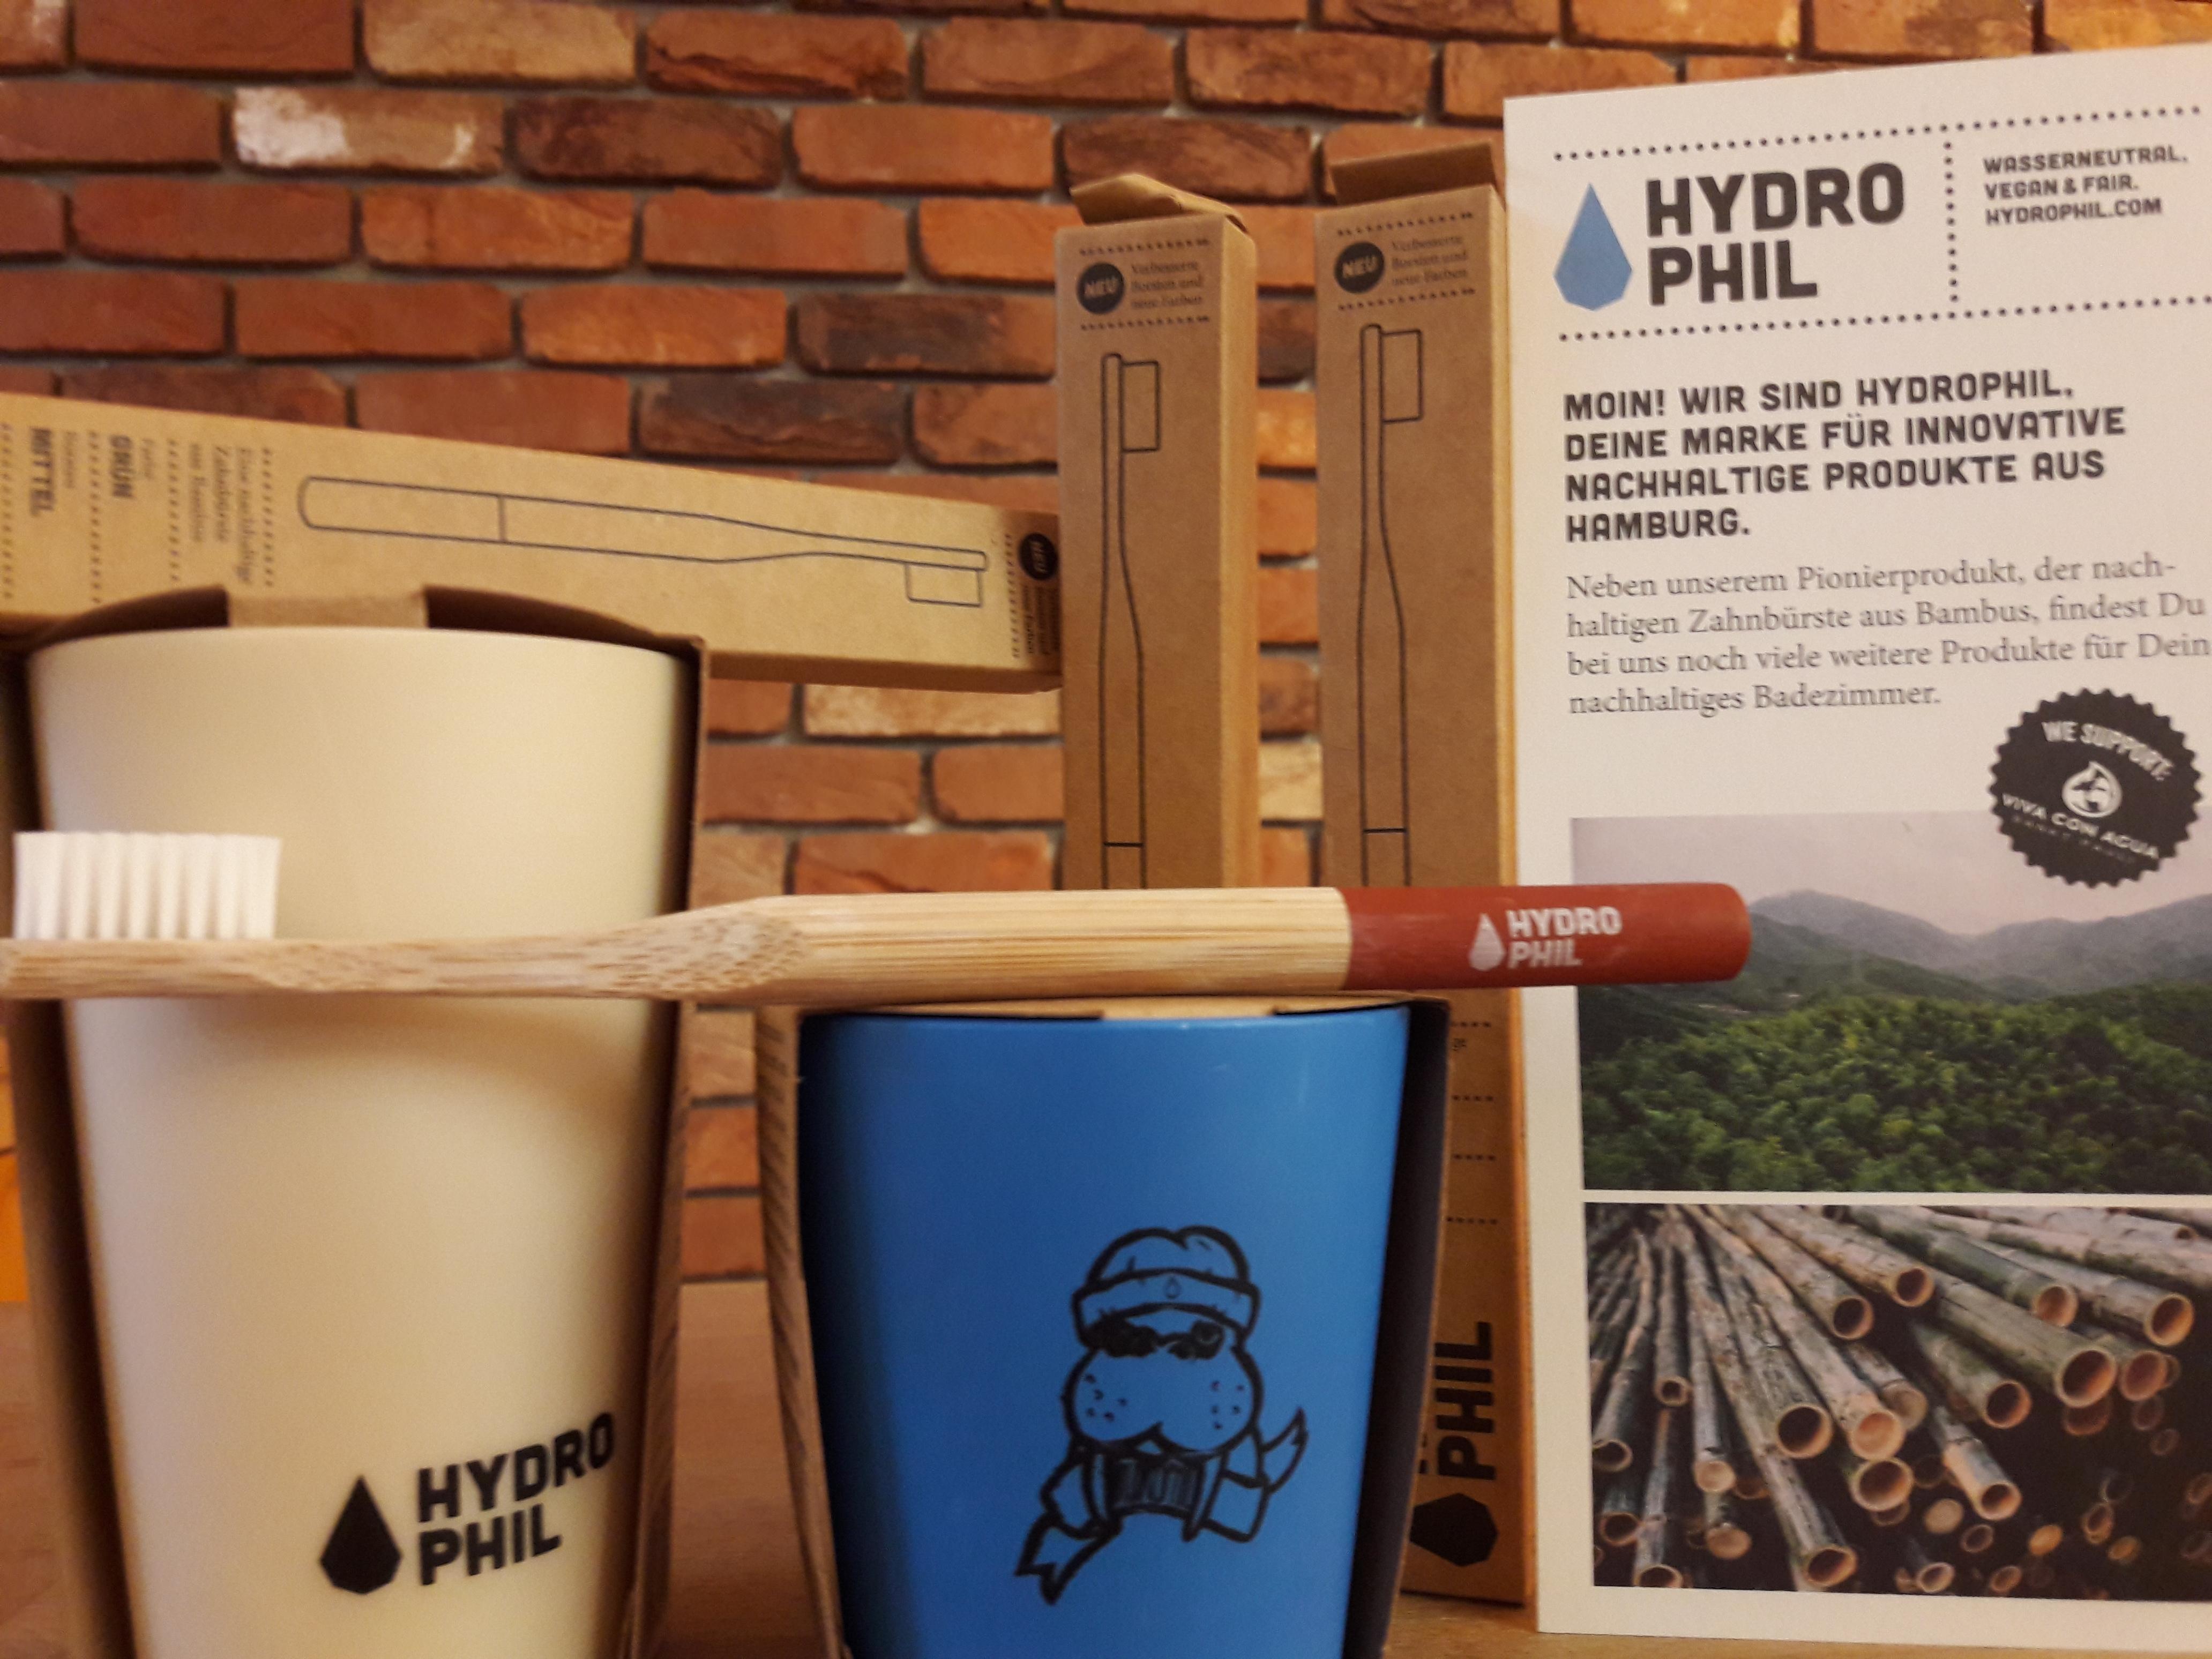 Die Welt schon direkt nach dem Aufstehen ein bißchen besser machen: mit Zahnbürsten von Hydrophil